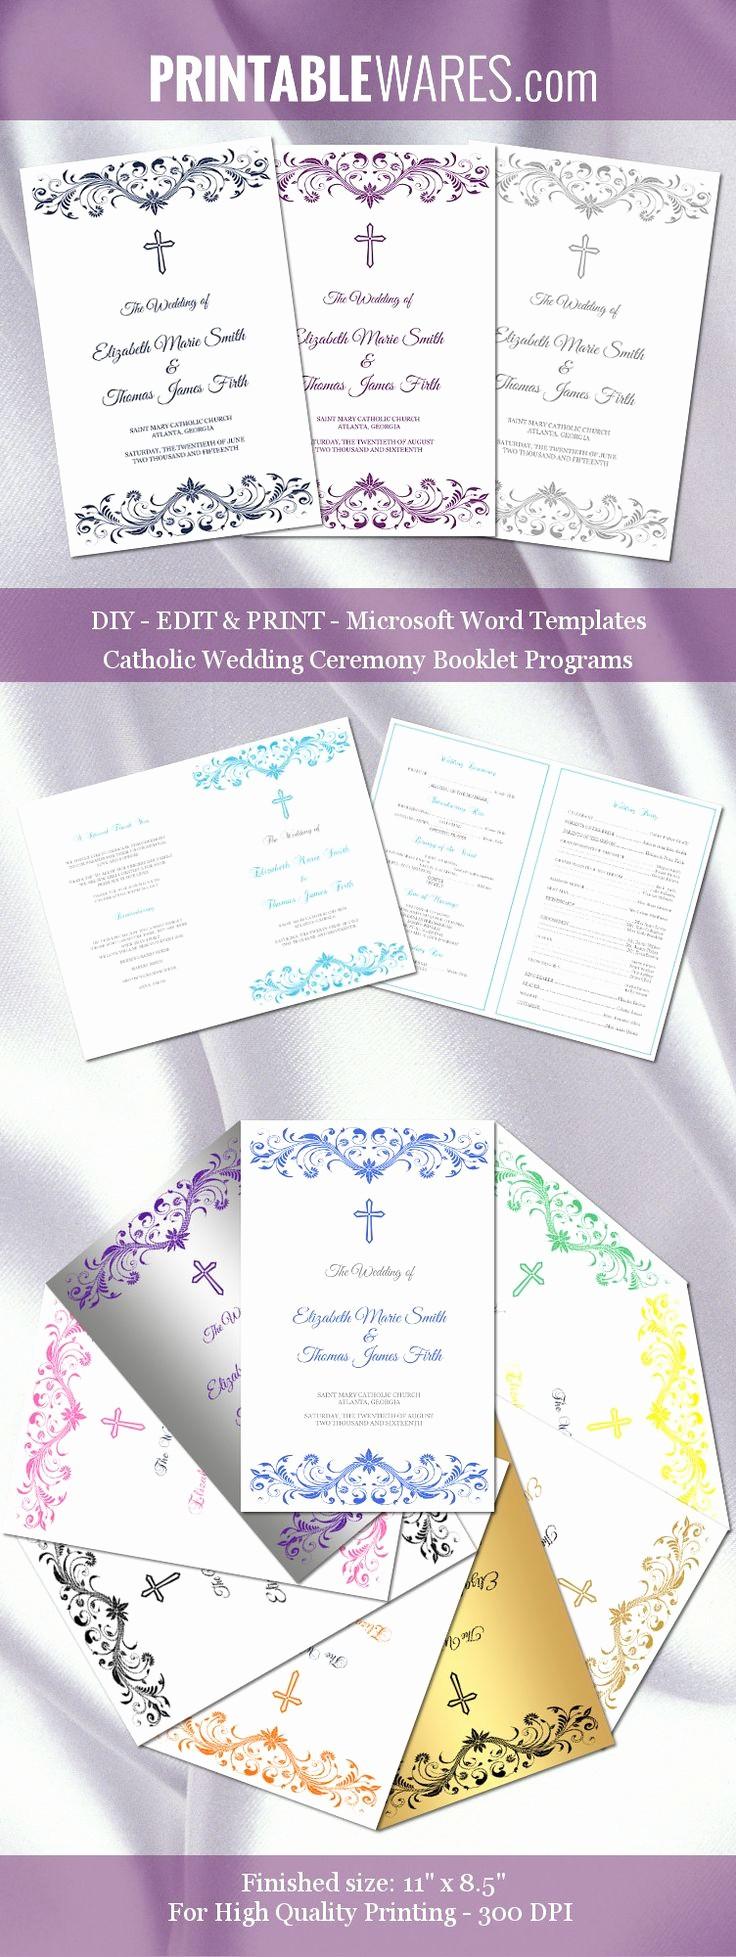 Catholic Wedding Program Template Free Elegant Catholic Wedding Program Templates for Microsoft Word You